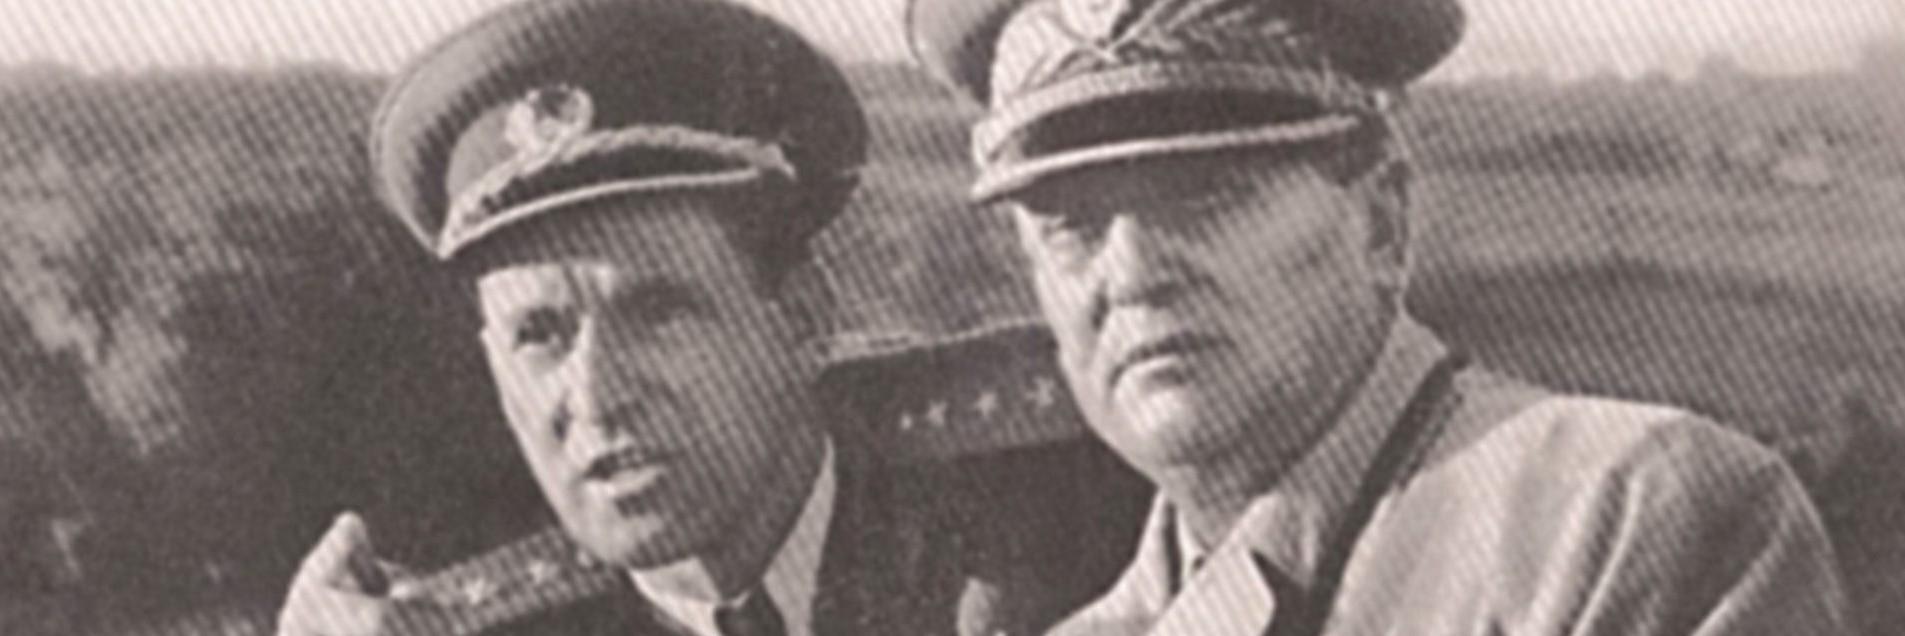 """TRG ŽRTAVA FAŠIZMA (19 SATI) Prosvjed """"Antifašizam je moj izbor"""""""